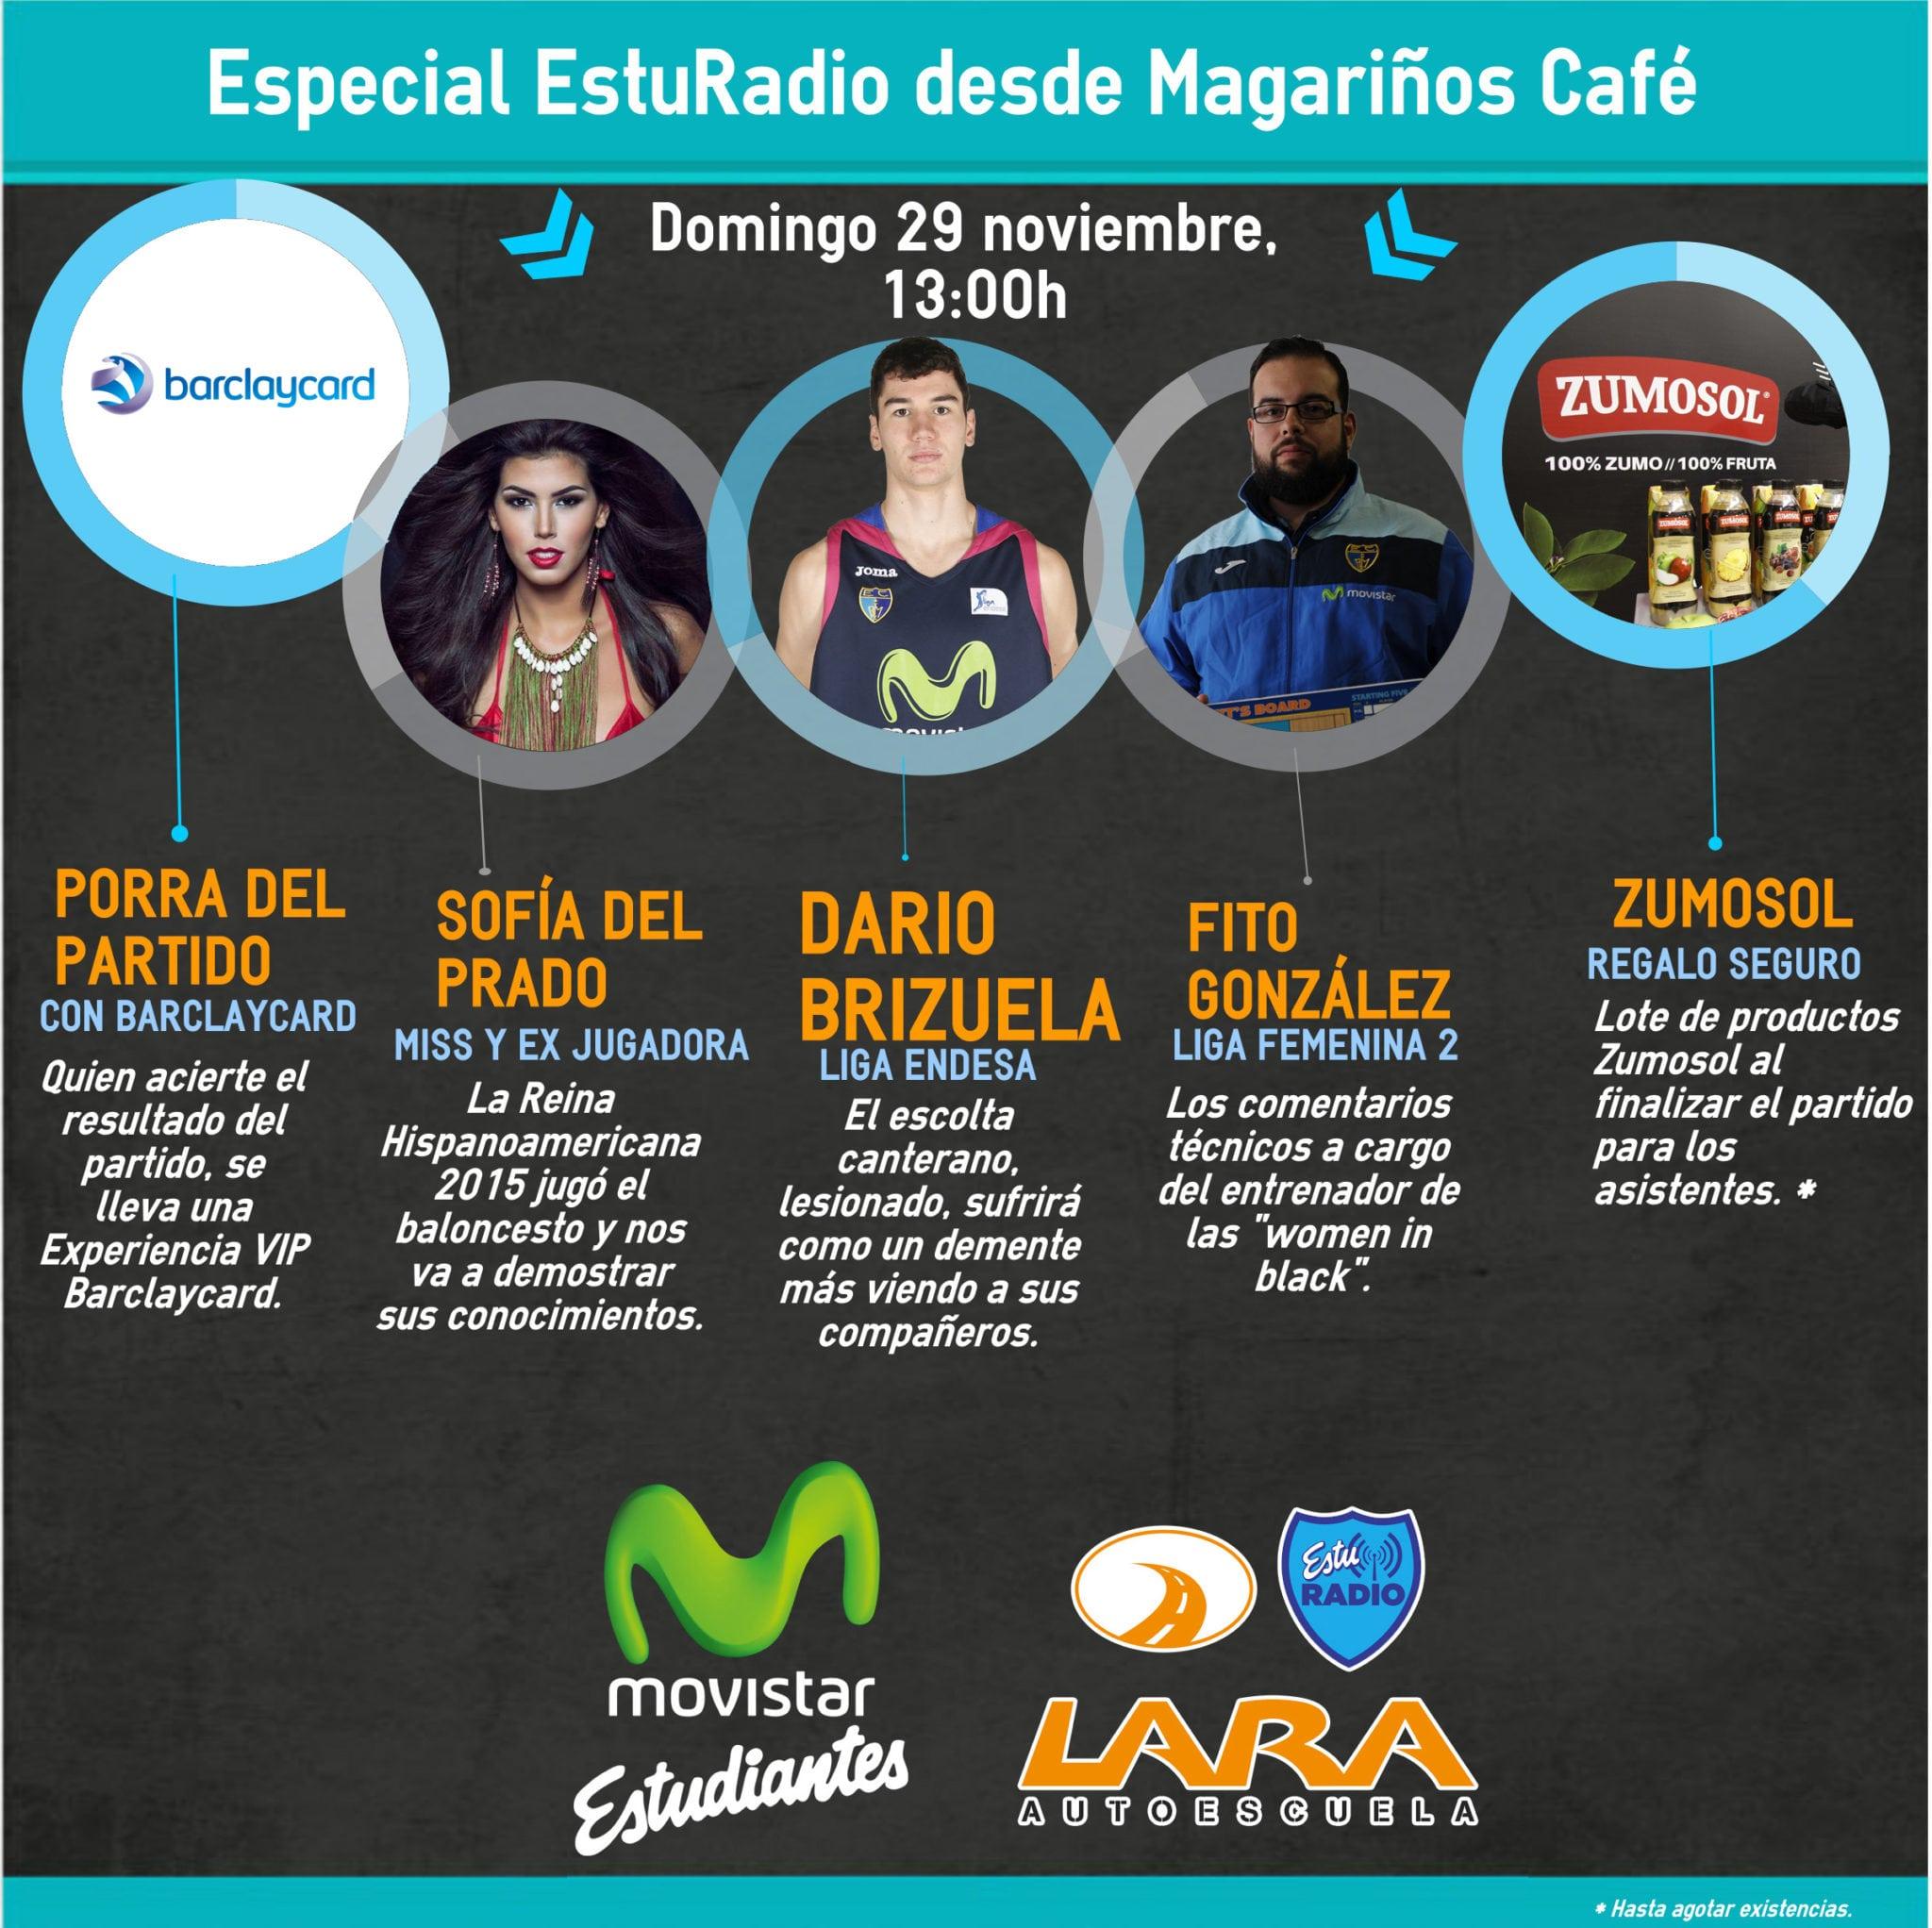 Especial EstuRadio desde Magariños Café con Darío Brizuela, la miss Sofía del Prado y Fito González. Además regalos y sorteos